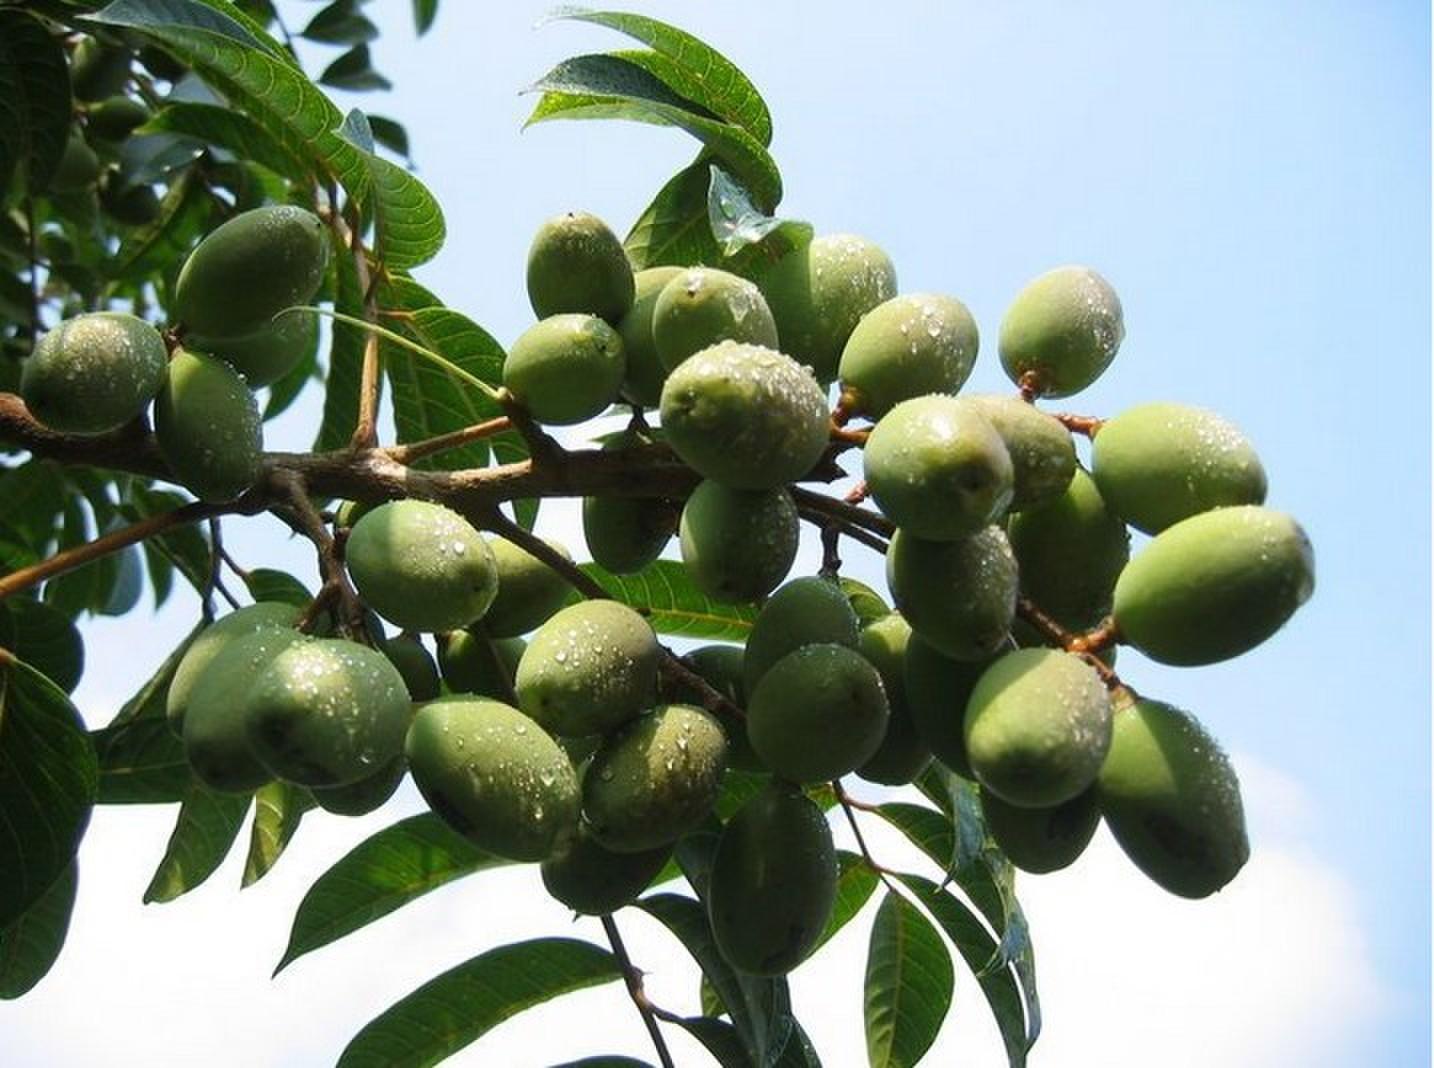 橄榄叶提取物 羟基酪醇 20%示例图5